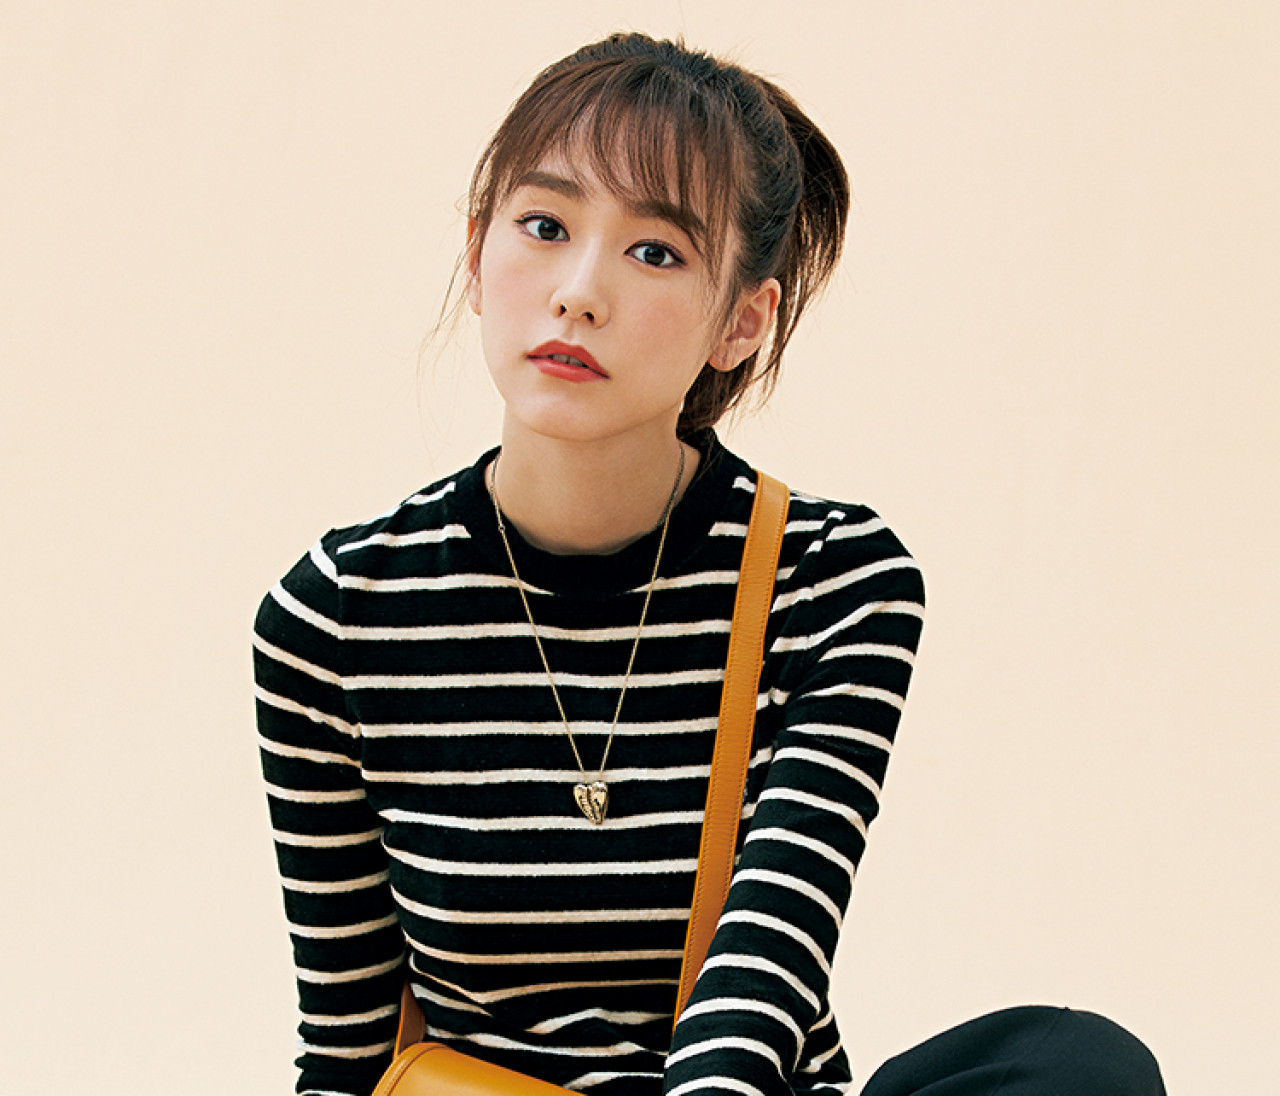 【桐谷美玲×サンローランの新作バッグ】クロスボディバッグとボーダーの相思相愛!